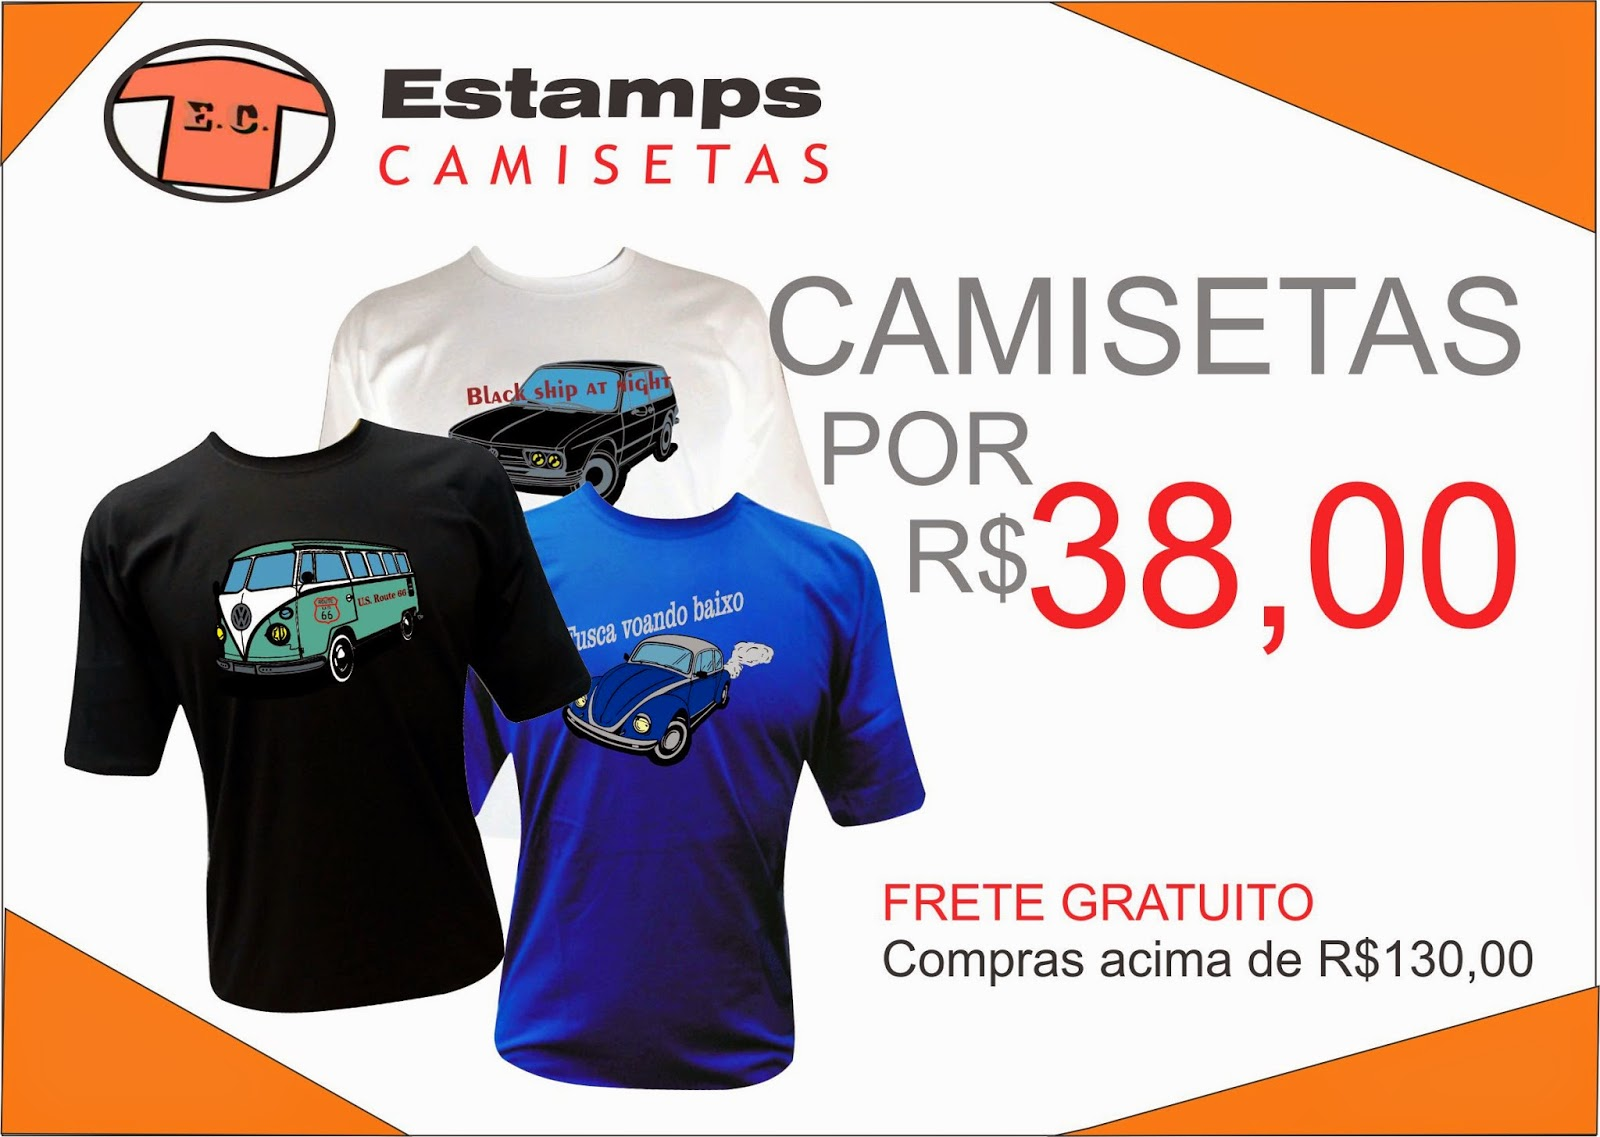 http://www.estampscamisetas.com.br/s-1-12/Camisetas-Carros-e-Marcas